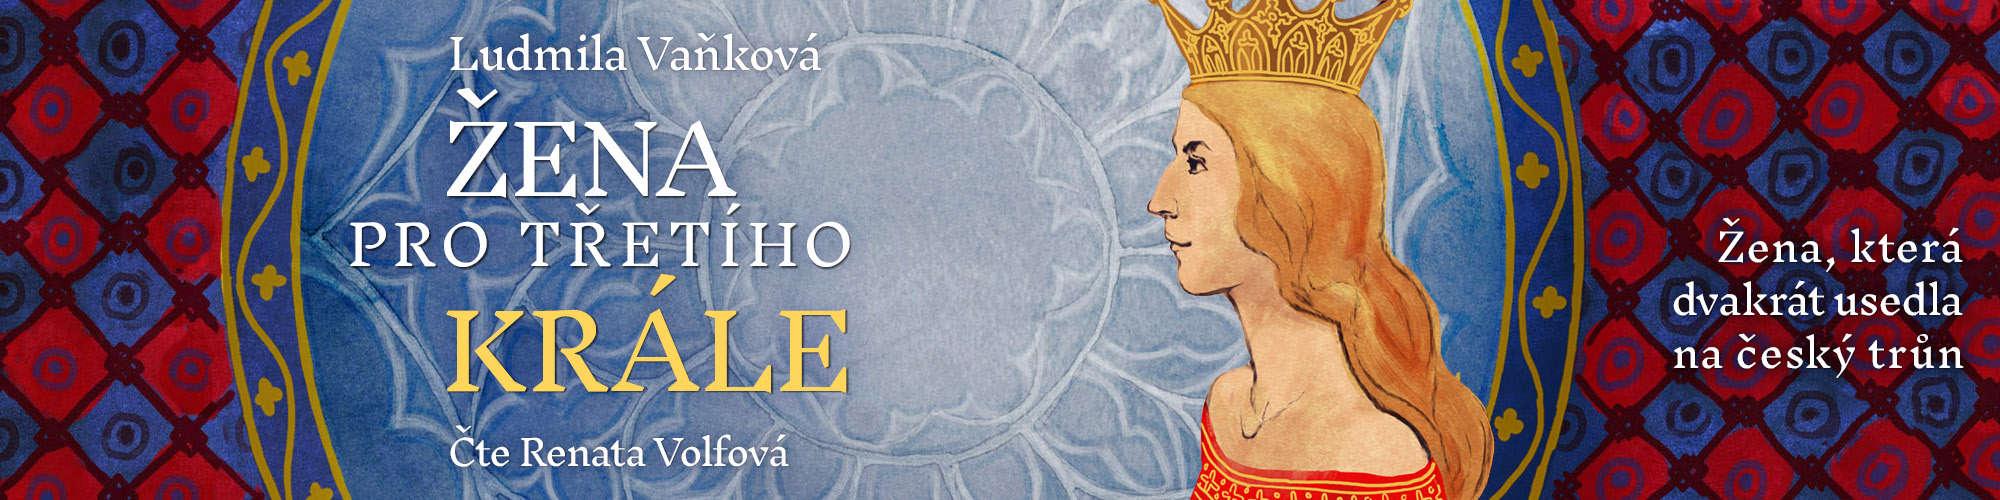 Žena pro třetího krále